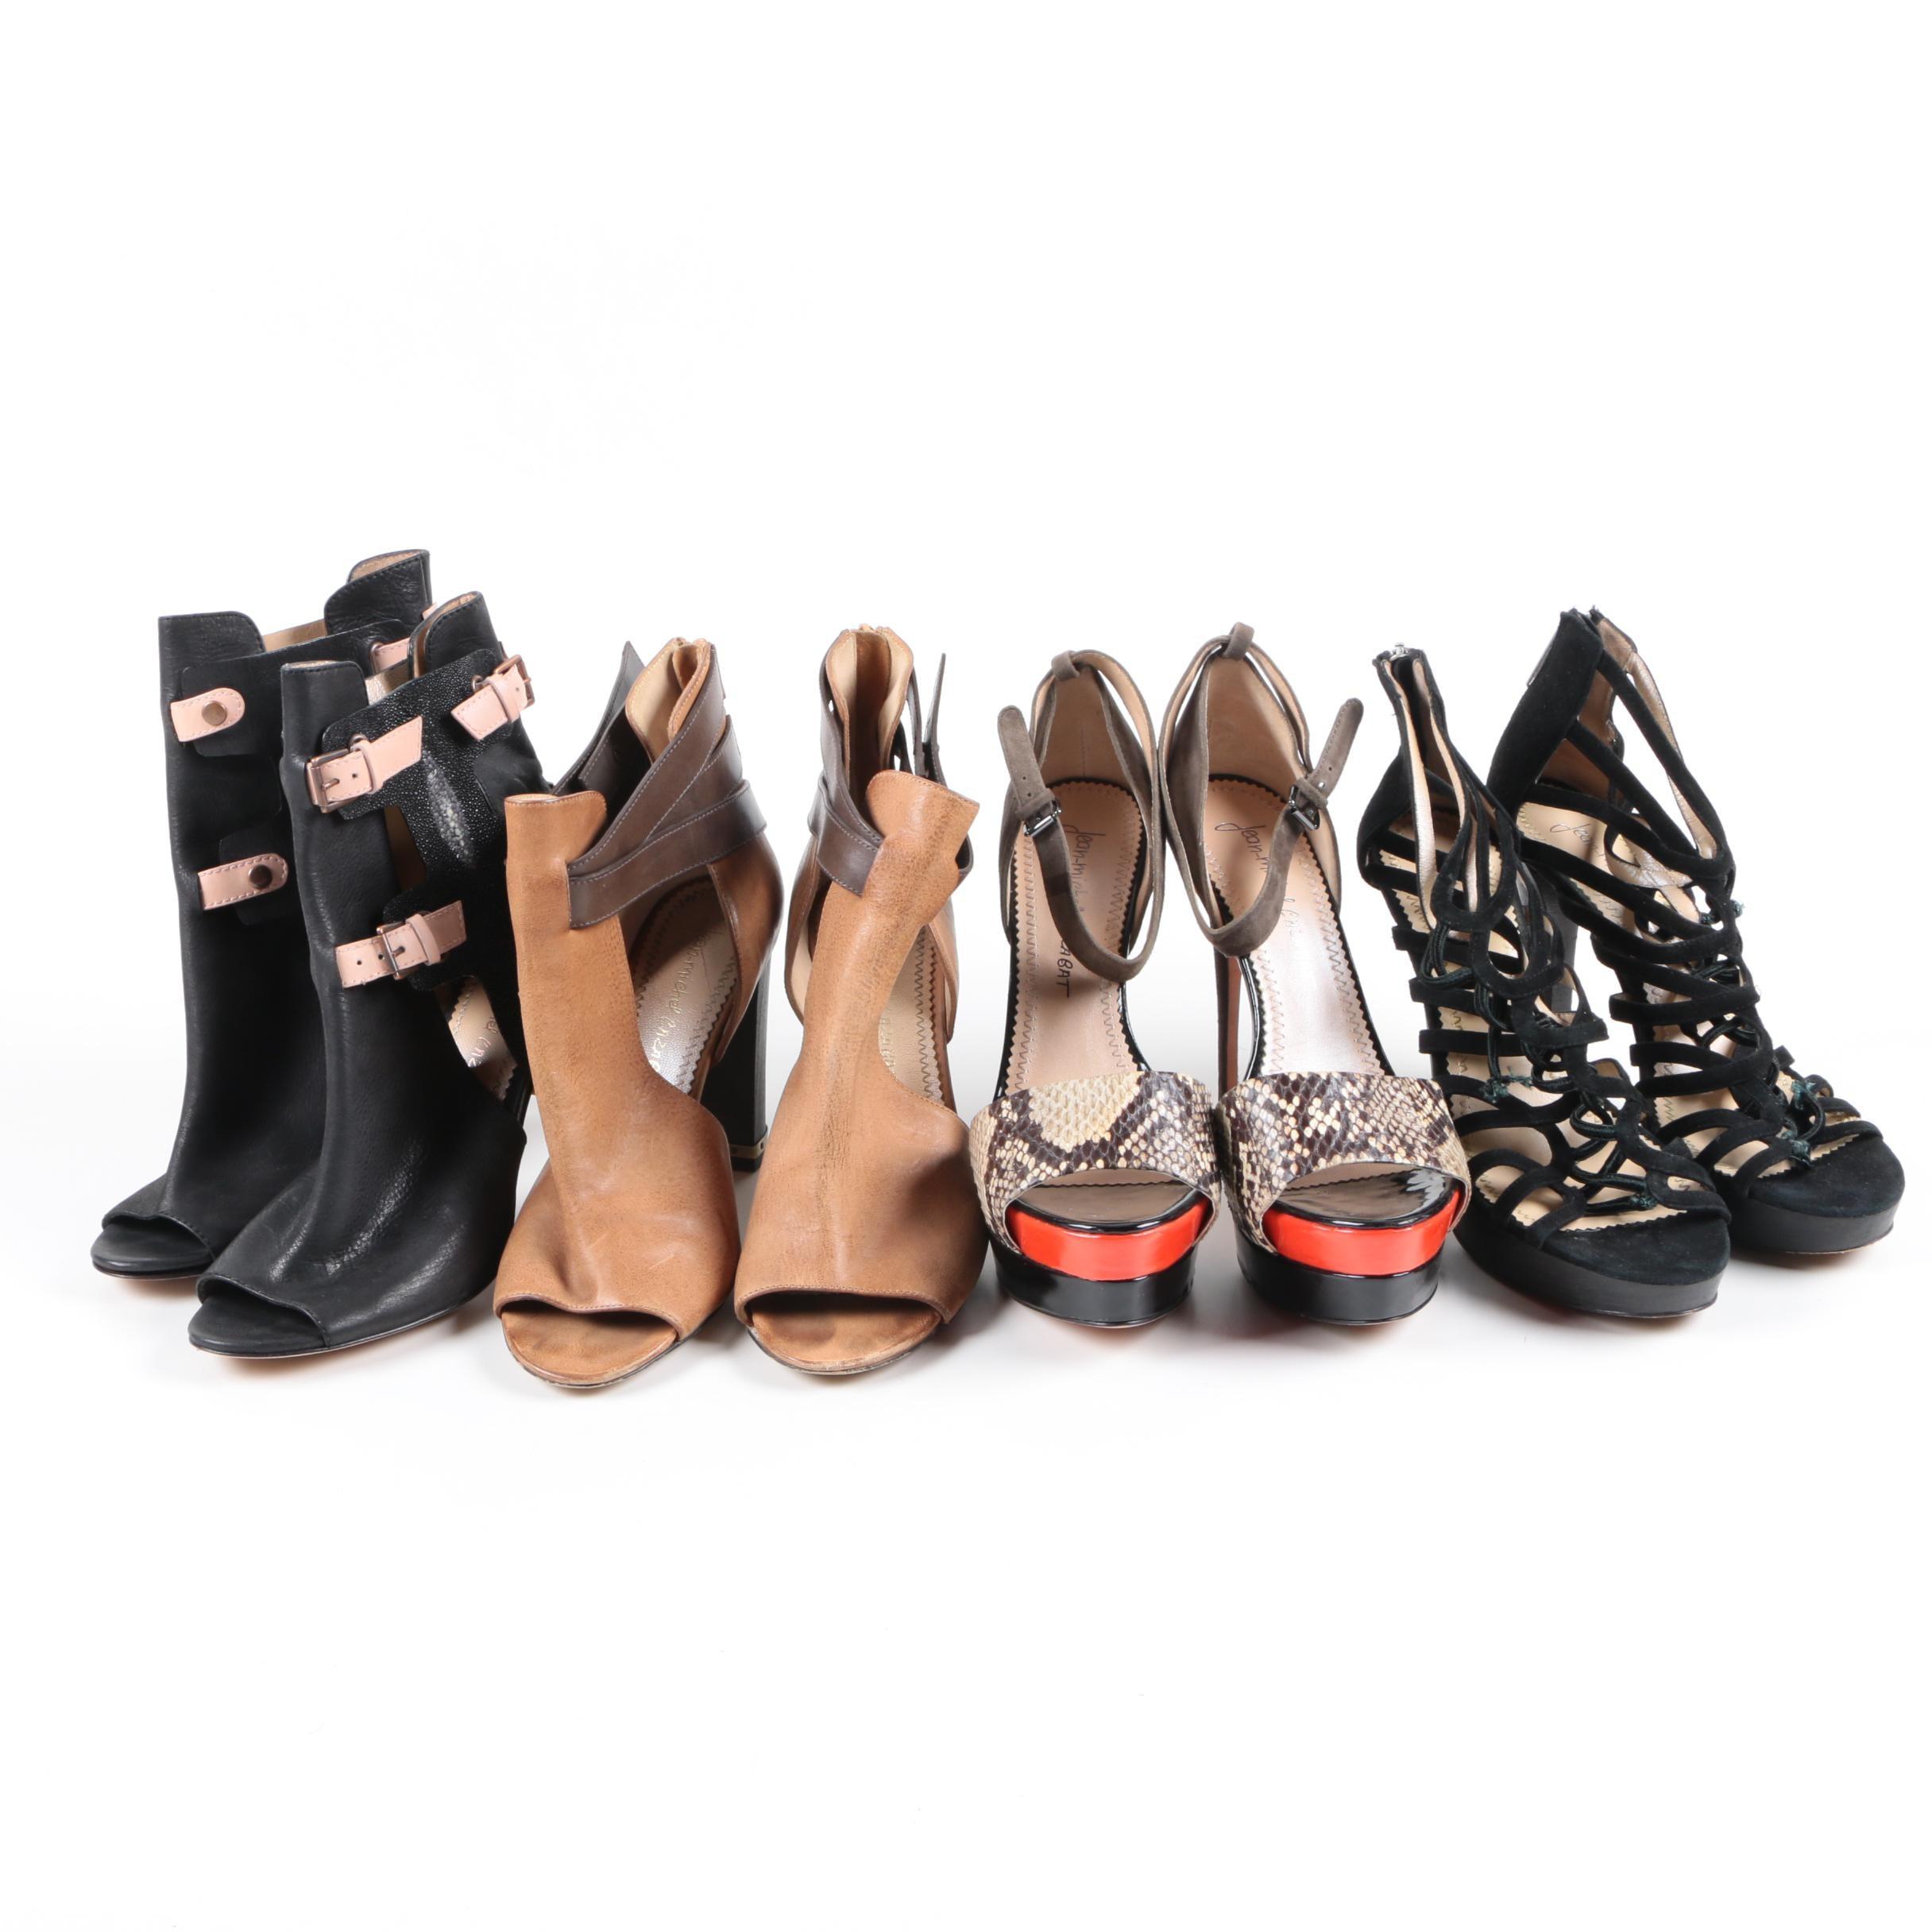 Women's Jean-Michel Cazabat Booties, Platform Pumps, and Sandals